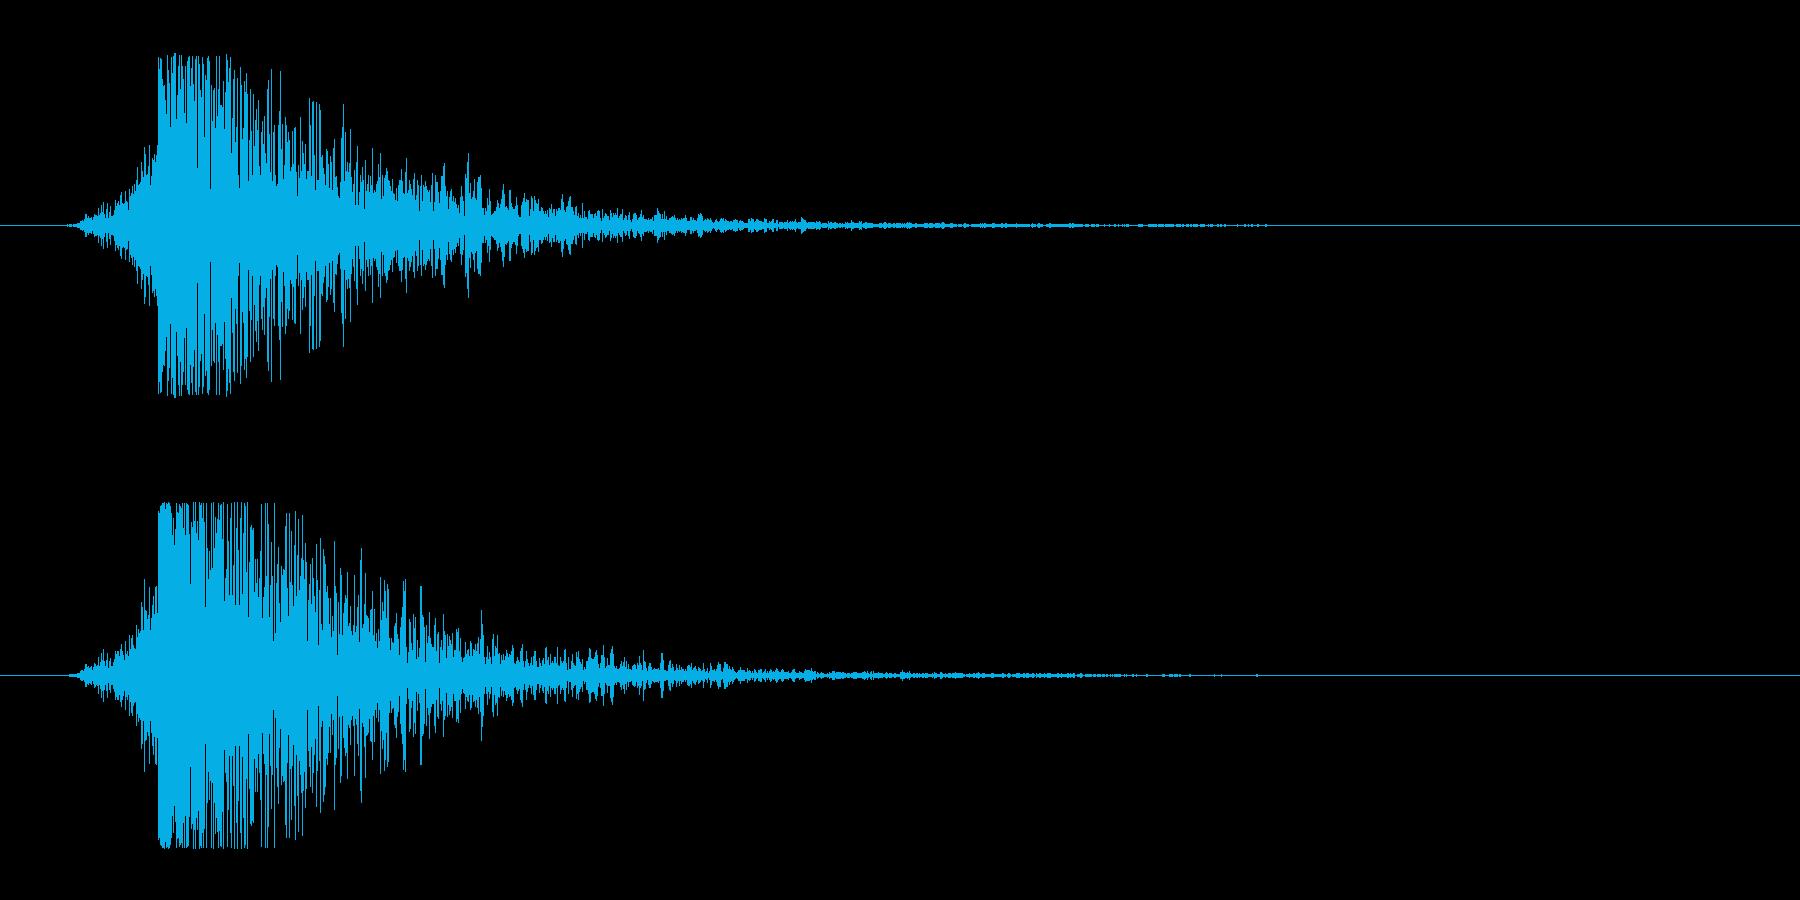 シュードーン-9(インパクト音)の再生済みの波形